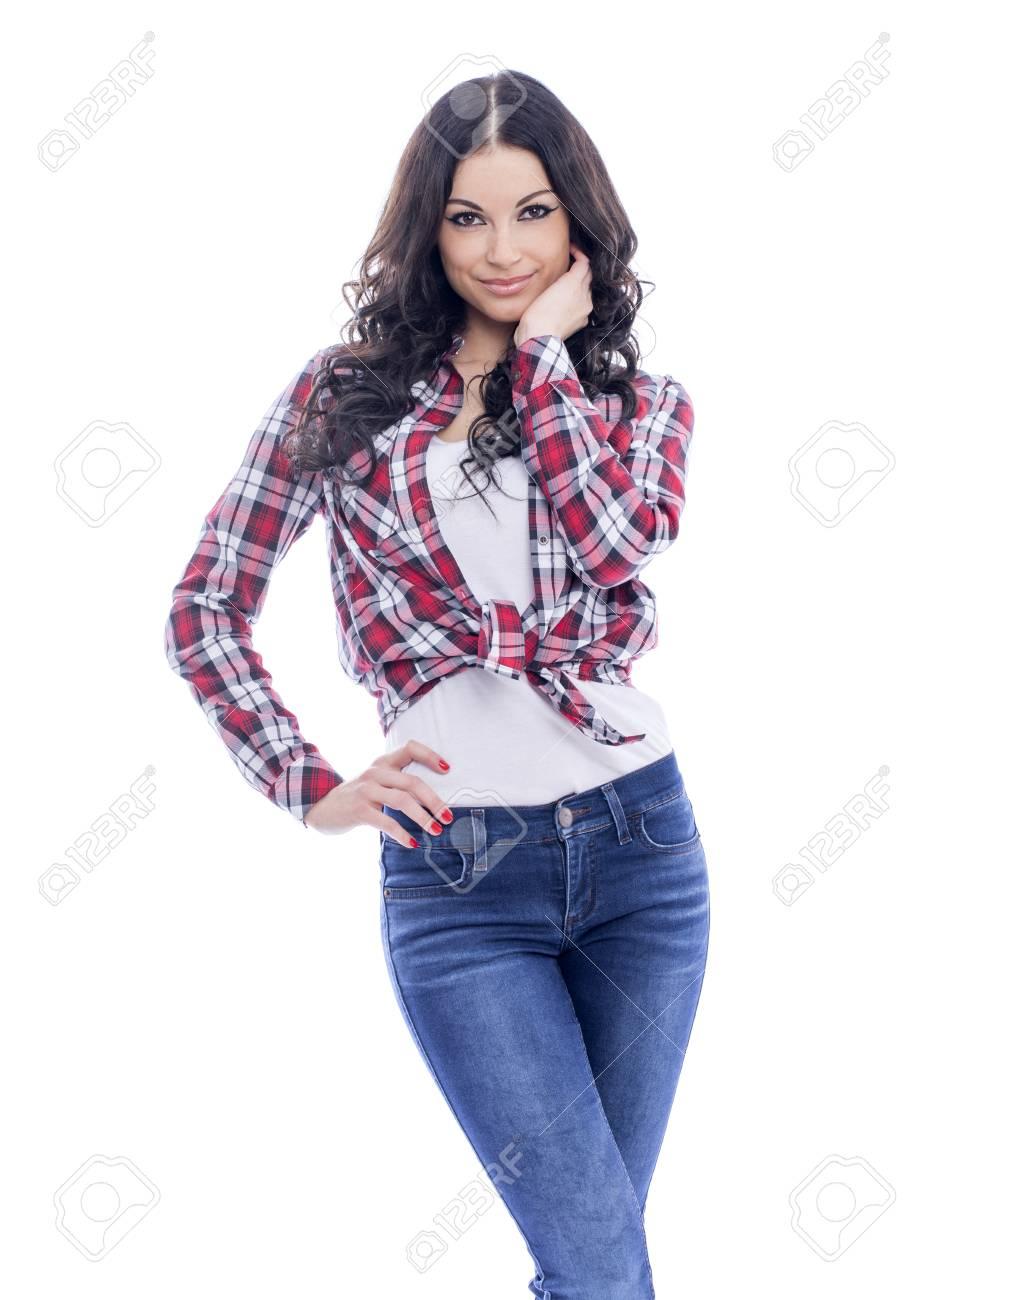 Bonne Femme Brune En Jeans Et Une Chemise Rouge A Carreaux Isole